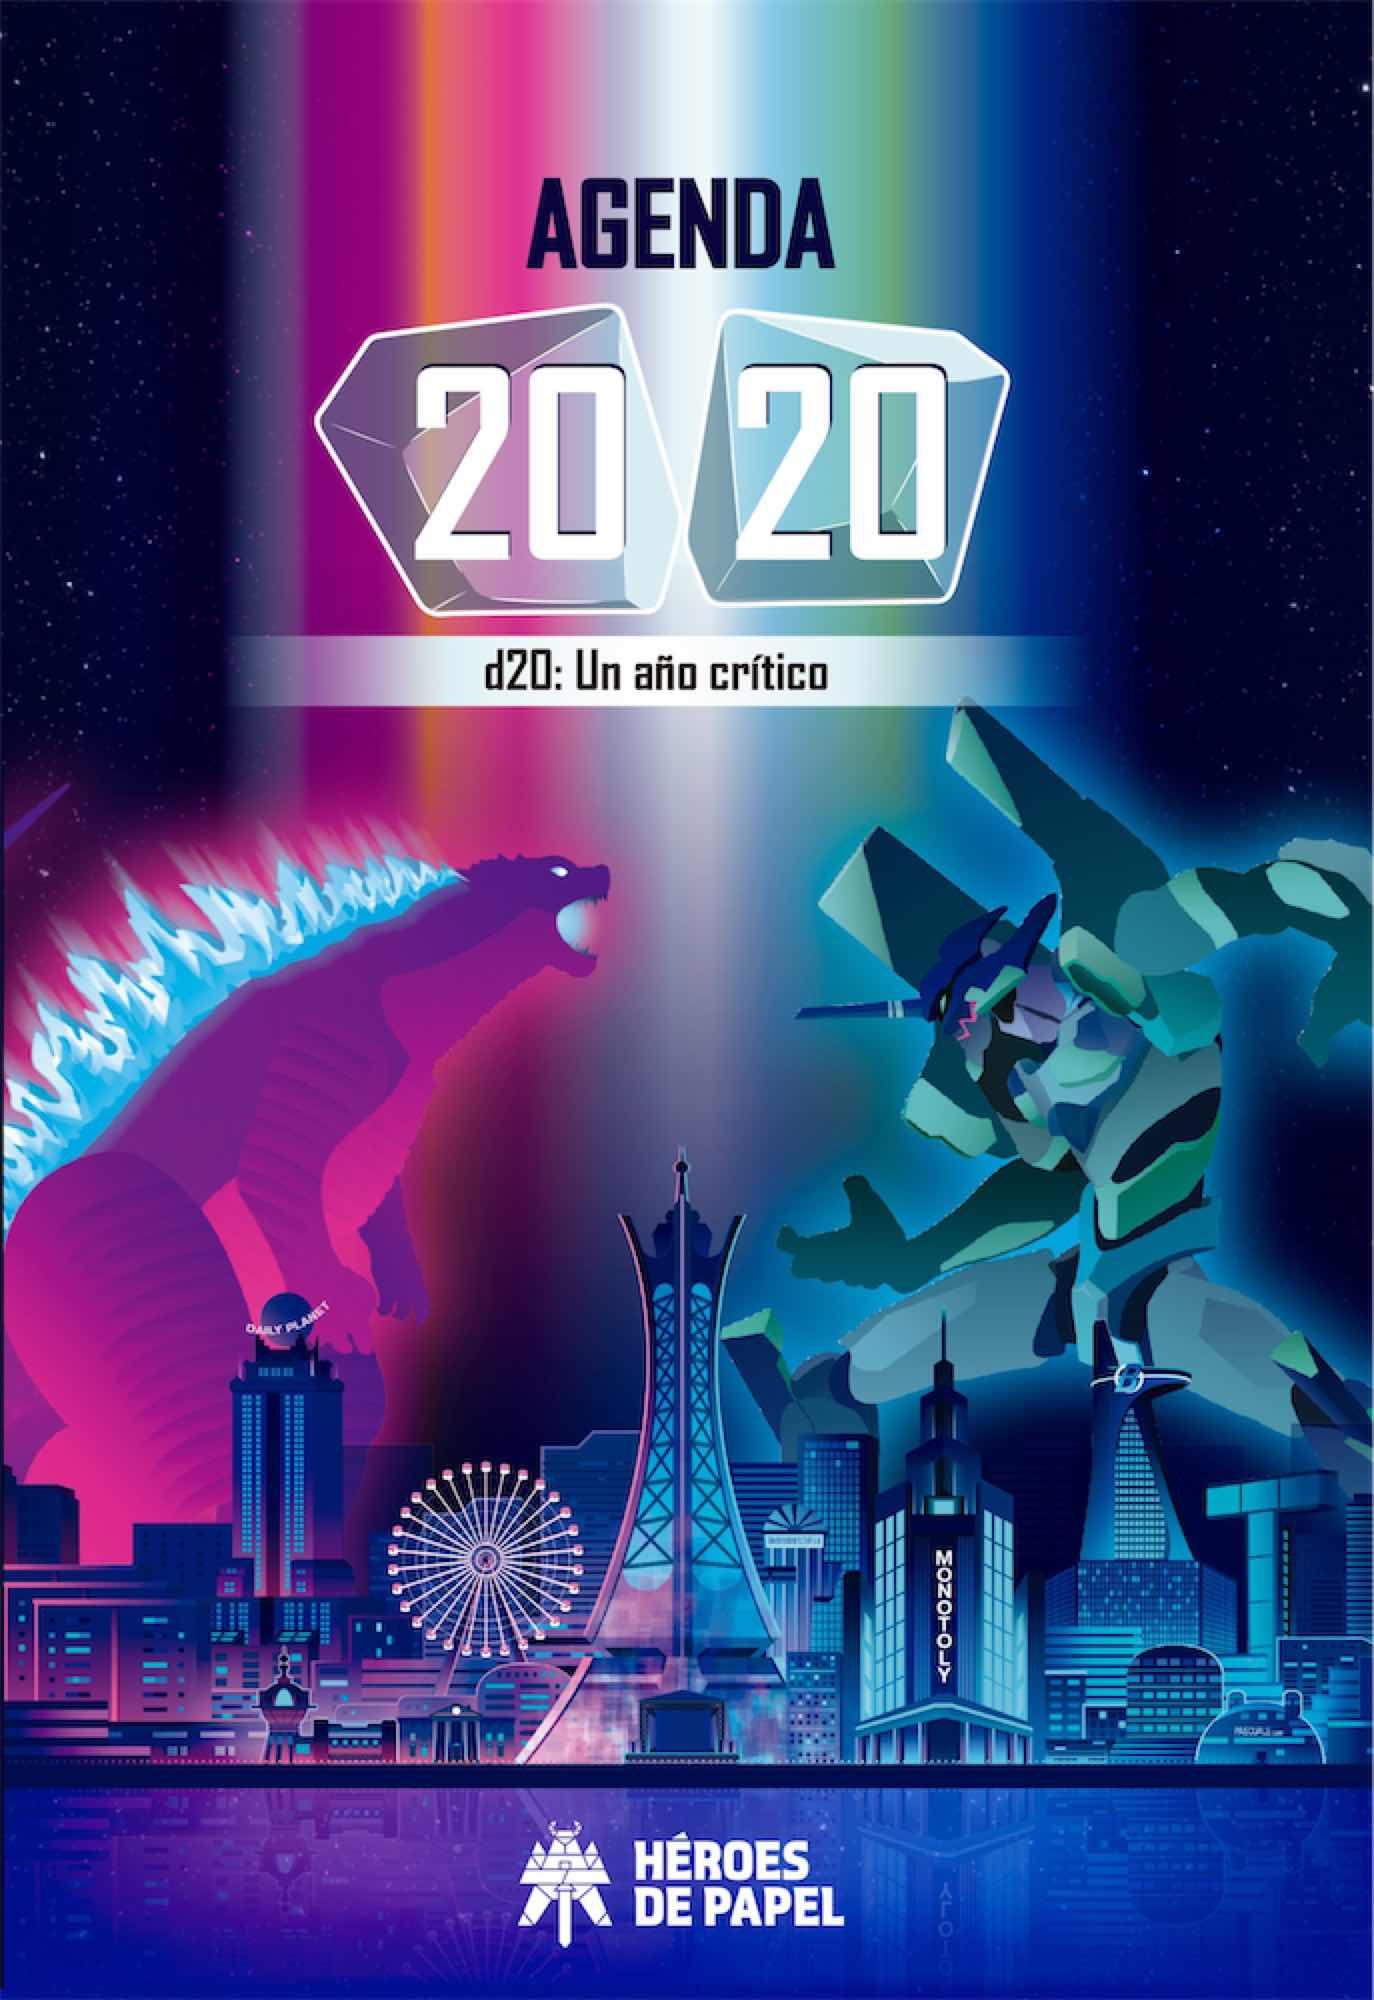 AGENDA 2020: UN AÑO CRITICO